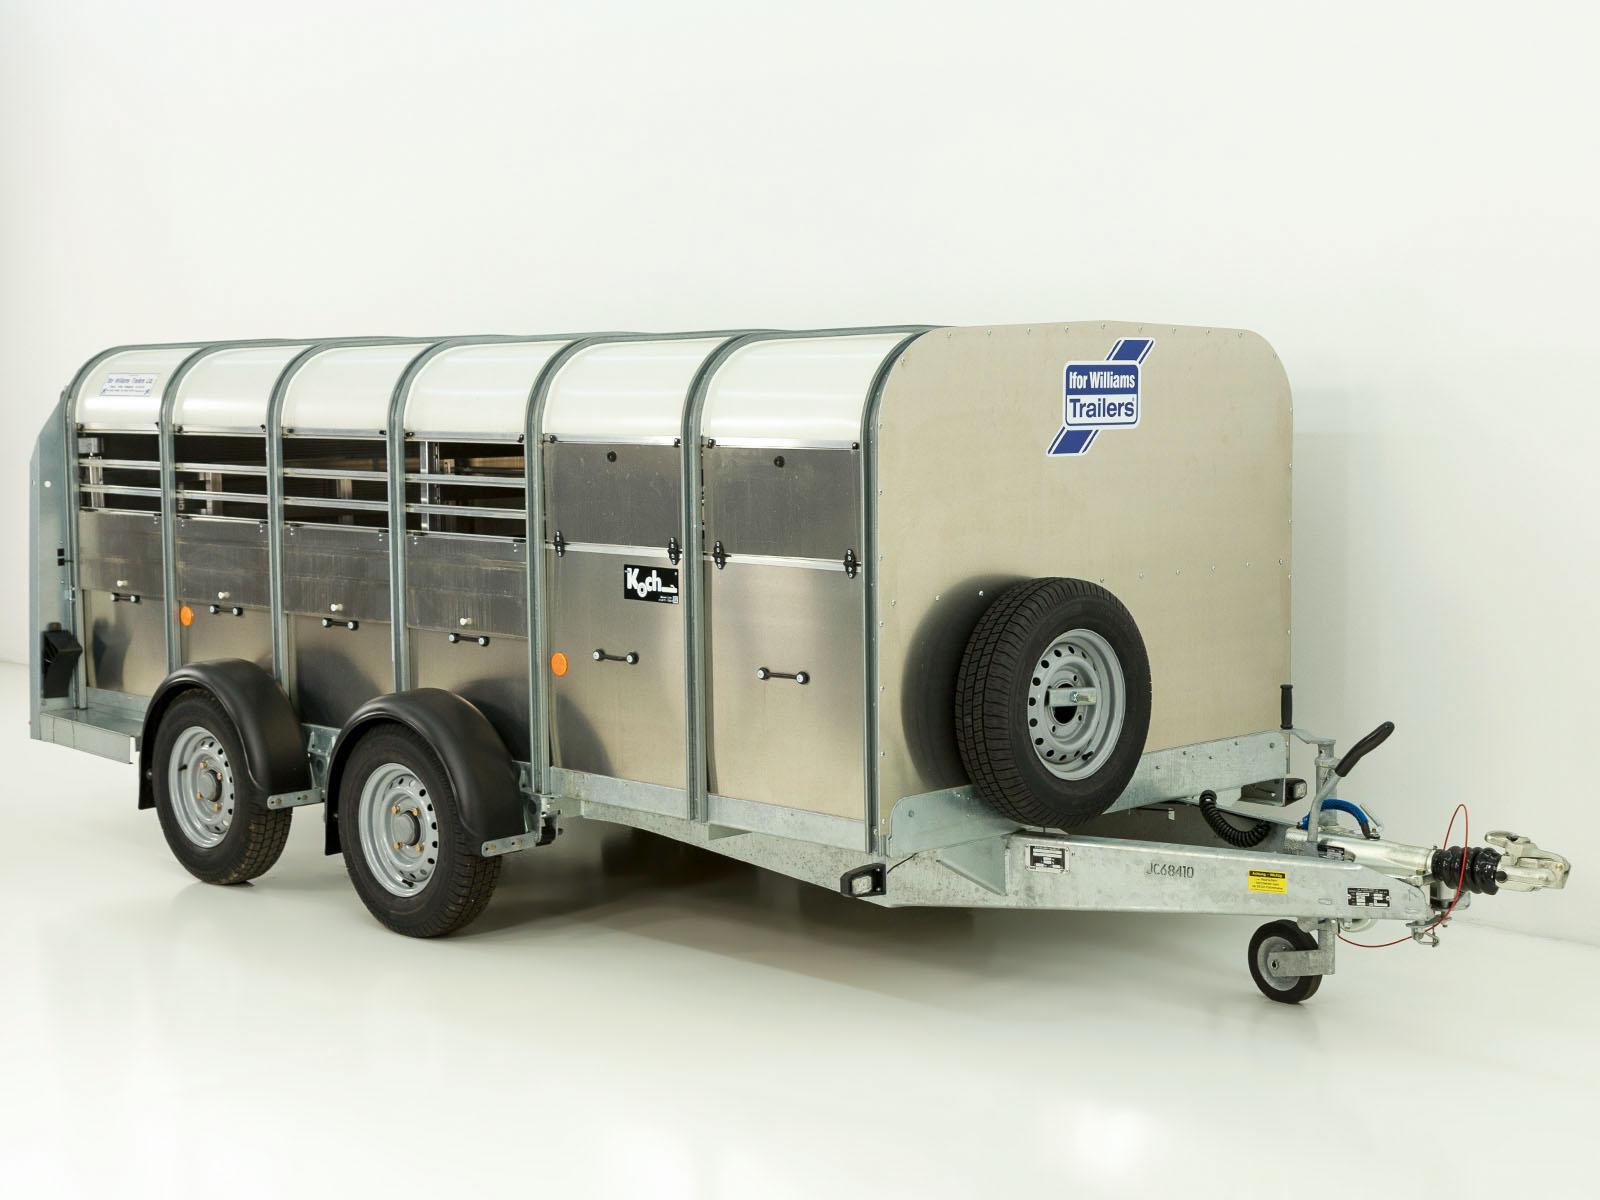 Sonstige-Viehanhaenger-Pferdetransporter-Viehanhaenger-TA5-156x372cm-Hoehe-120cm-2-7t-Ifor-Williams_0658_02yL162jCdvhngY.jpg